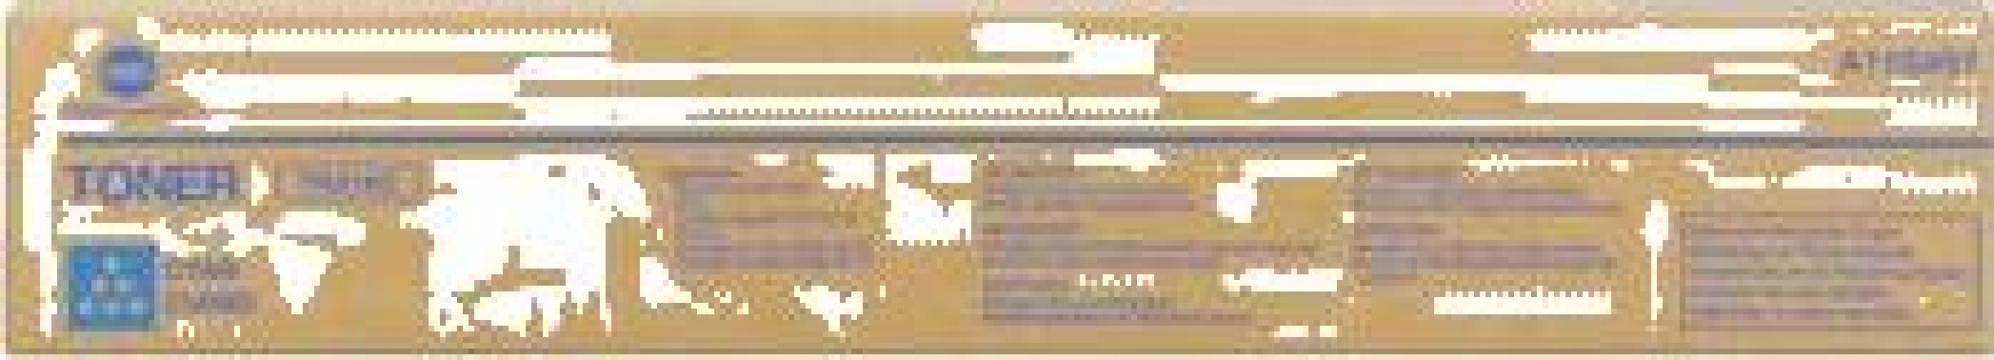 Cartus Copiator Original Minolta A11G451 de la Green Toner